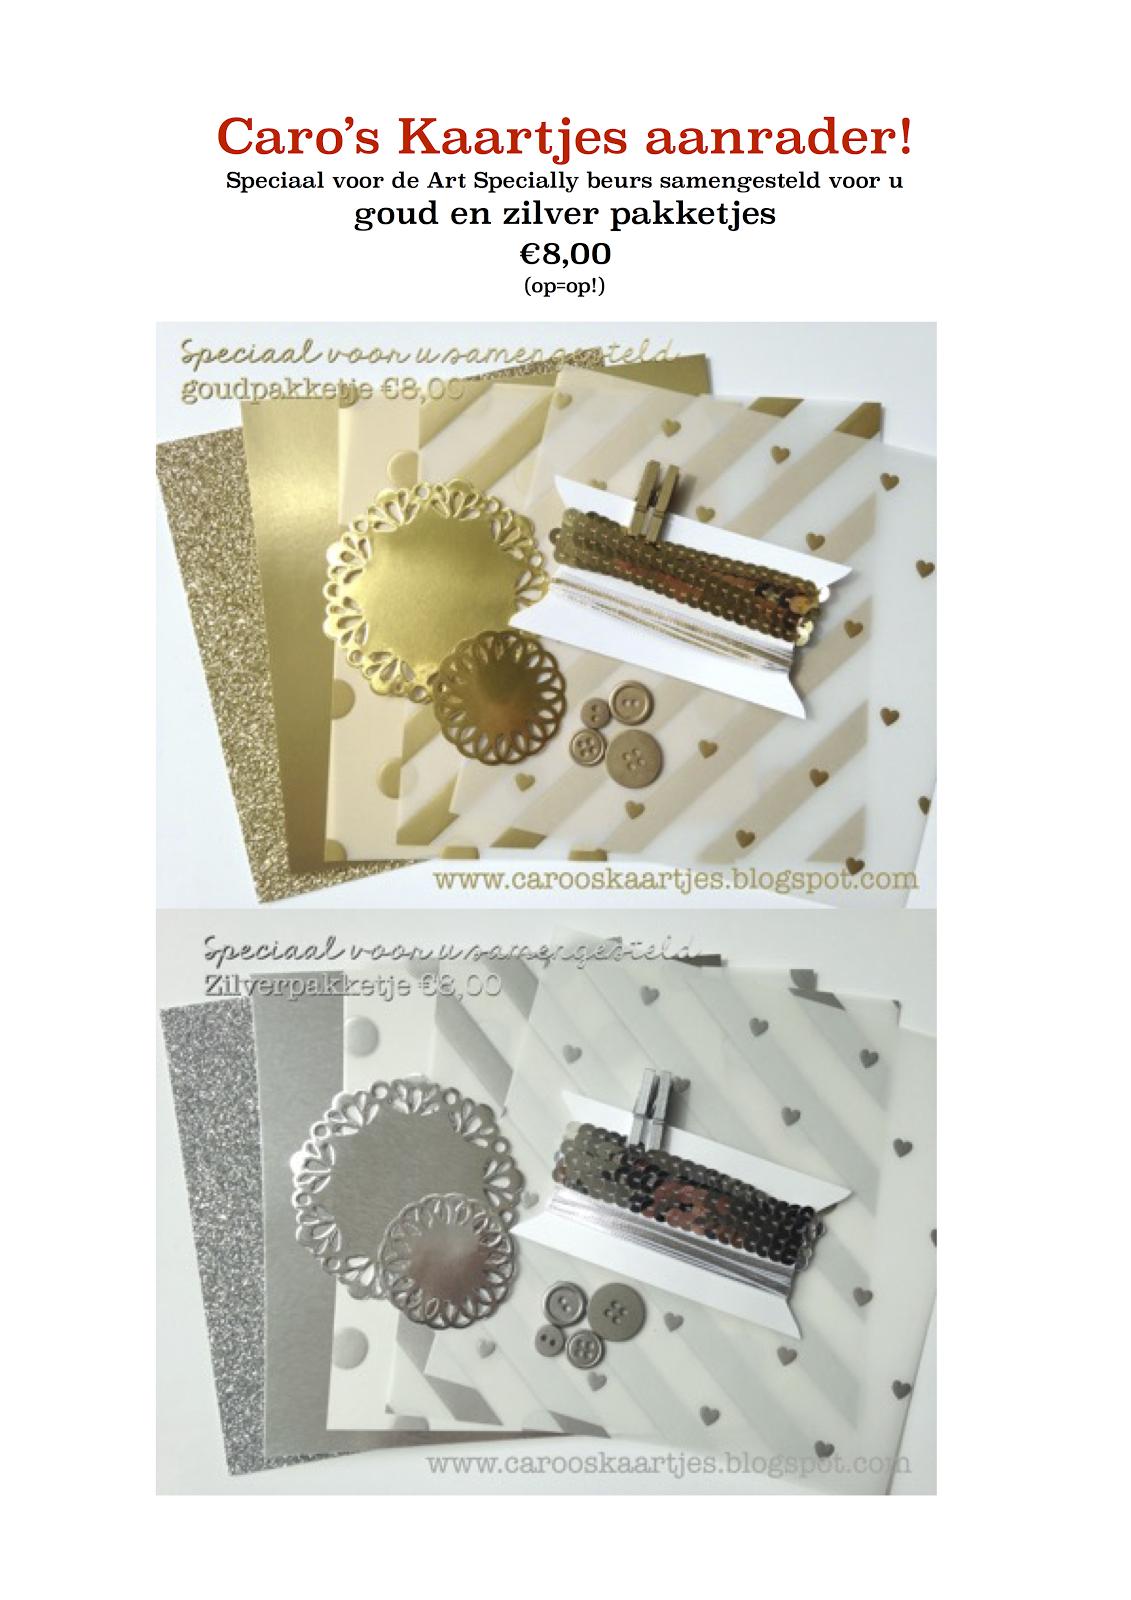 Goud en zilver pakketje